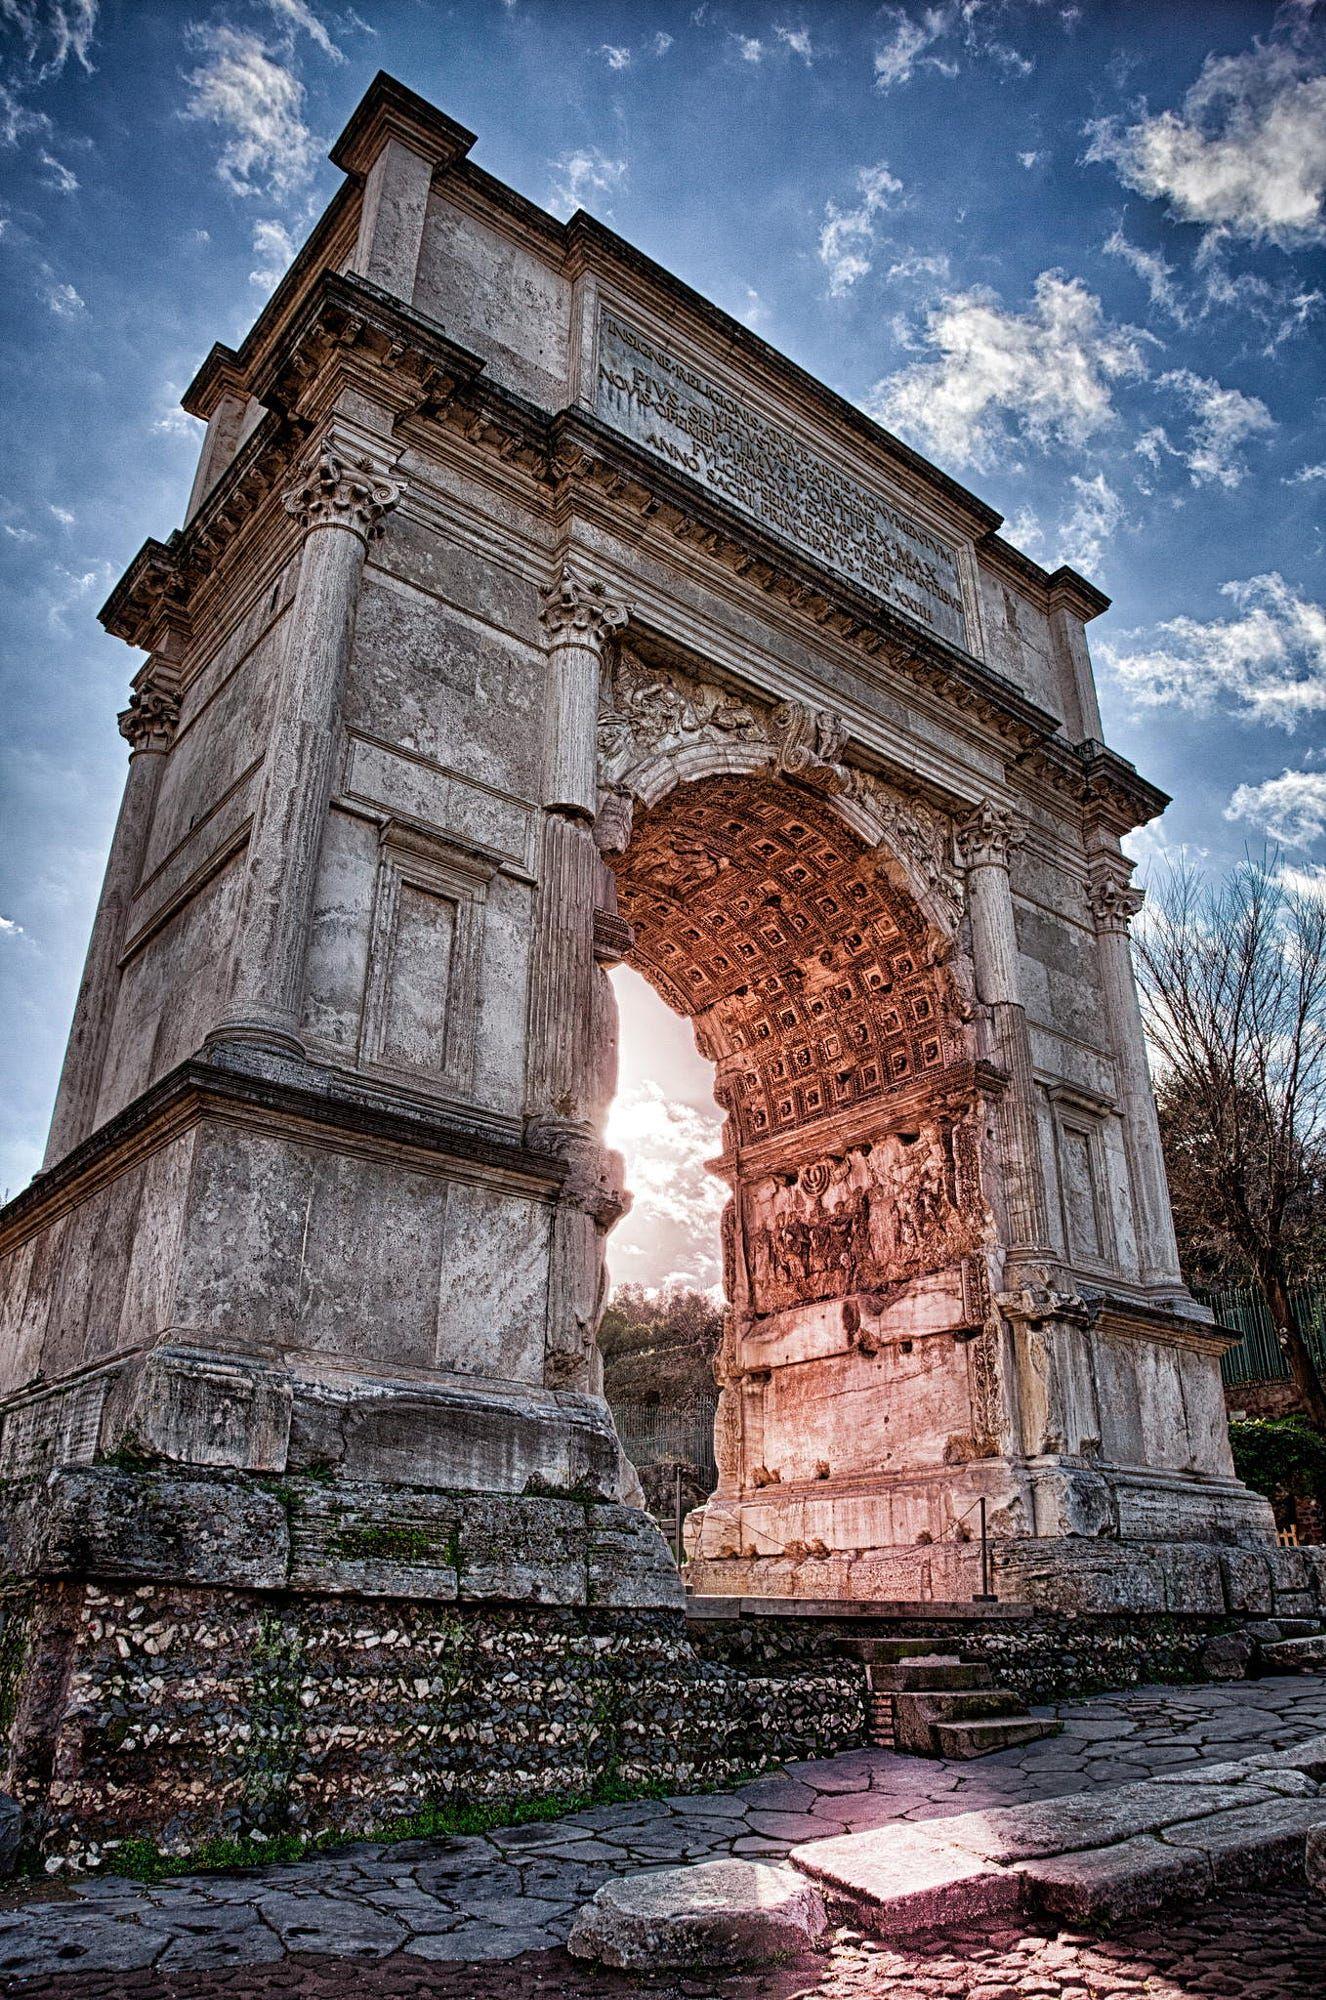 Arco de tito constru do probablemente no ano 80 d c por for Ca roma volta mantovana